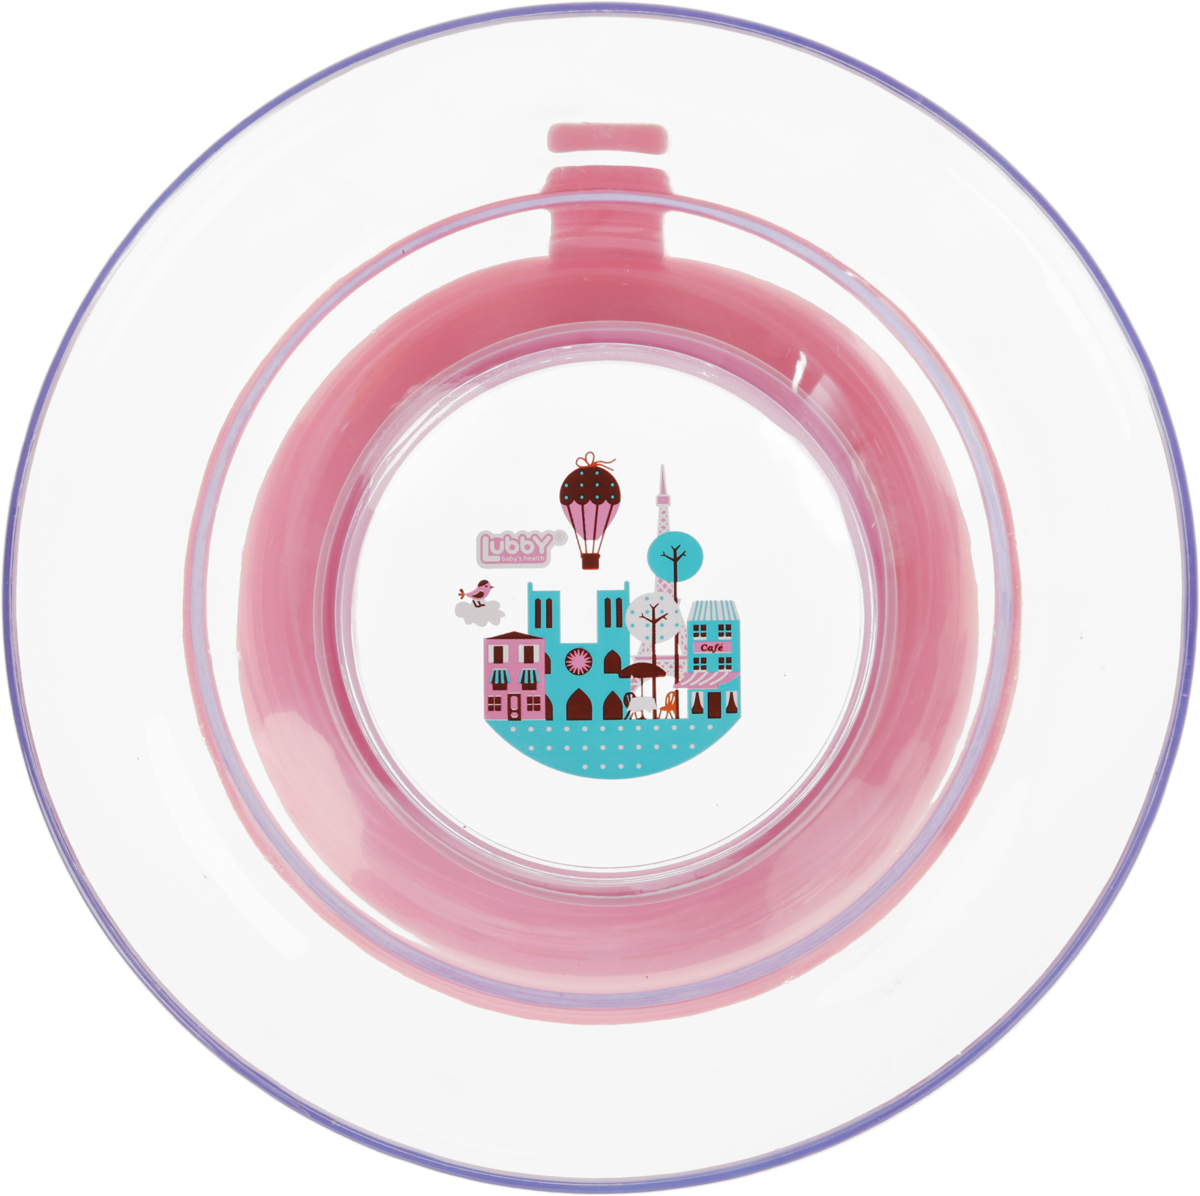 Lubby Тарелка для кормления Любимая с присоской цвет розовый13953Тарелка «Любимая» для кормления незаменима в период, когда Ваш малыш учится есть самостоятельно. Присоска препятствует свободному перемещению тарелки по столу. А яркий дизайн превращает процесс кормления в увлекательную игру. Благодаря высоким бортикам тарелки, пища будет дольше оставаться теплой.